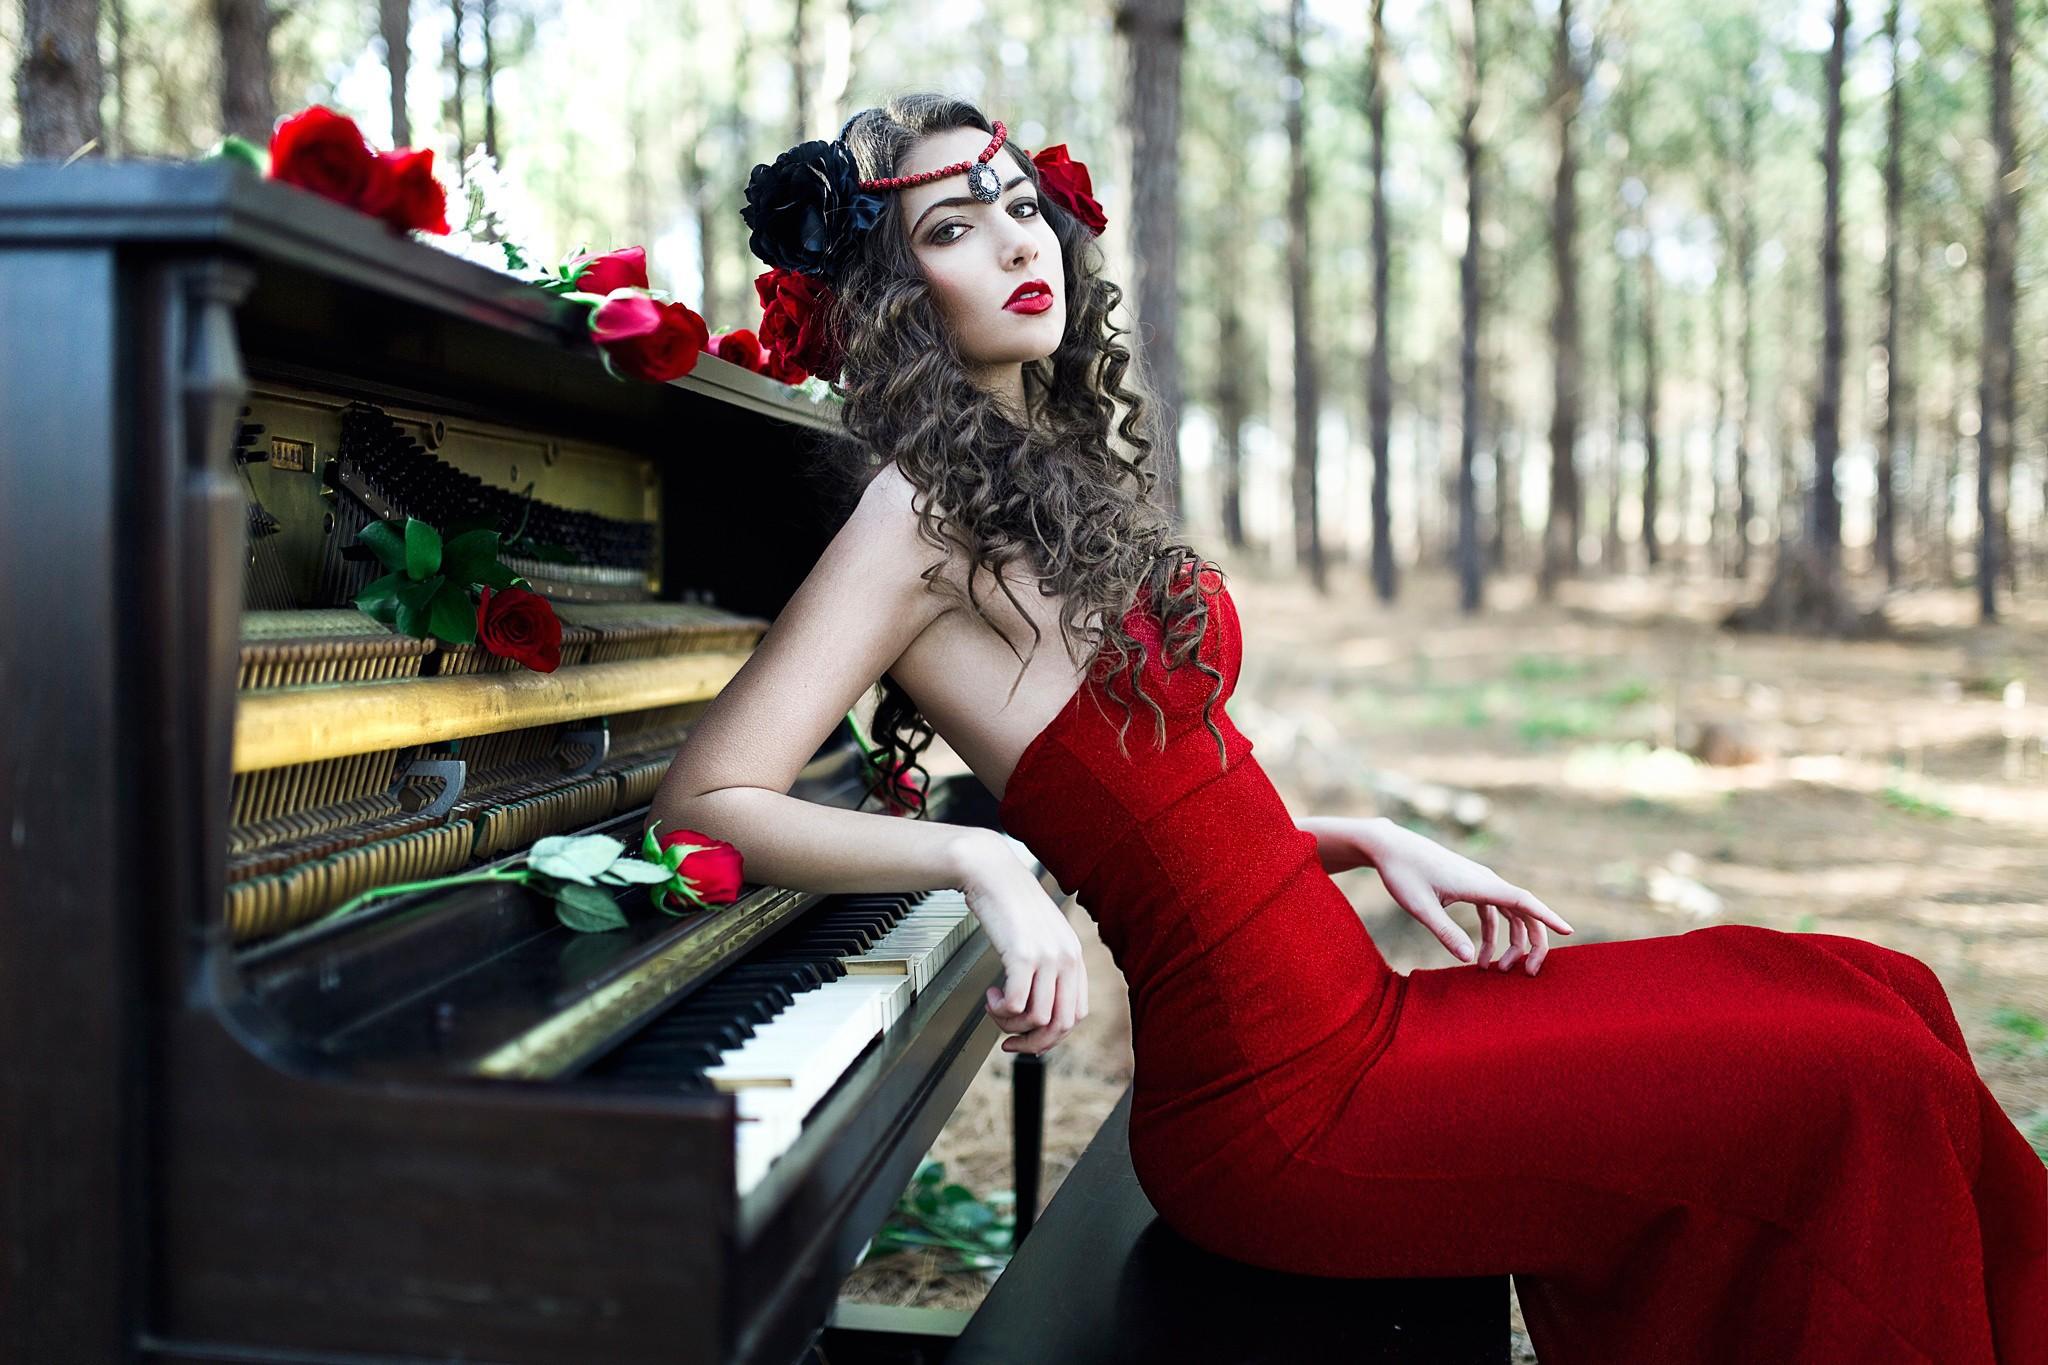 Девушка в красном платье слова из песни